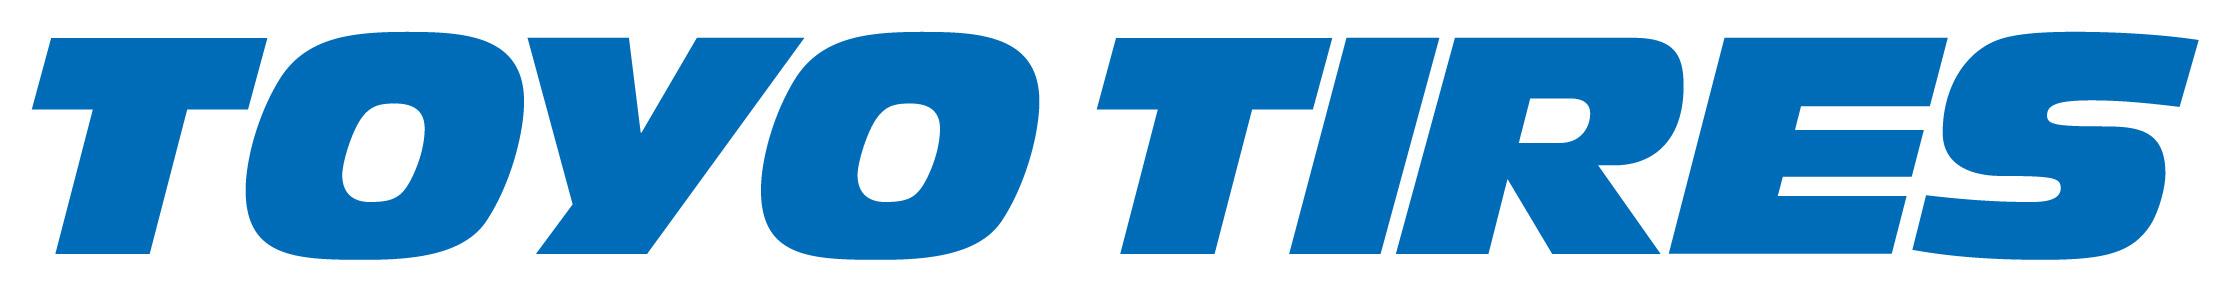 Volkswagen Logos Logo Vernderungen Binnen 100 Jahren